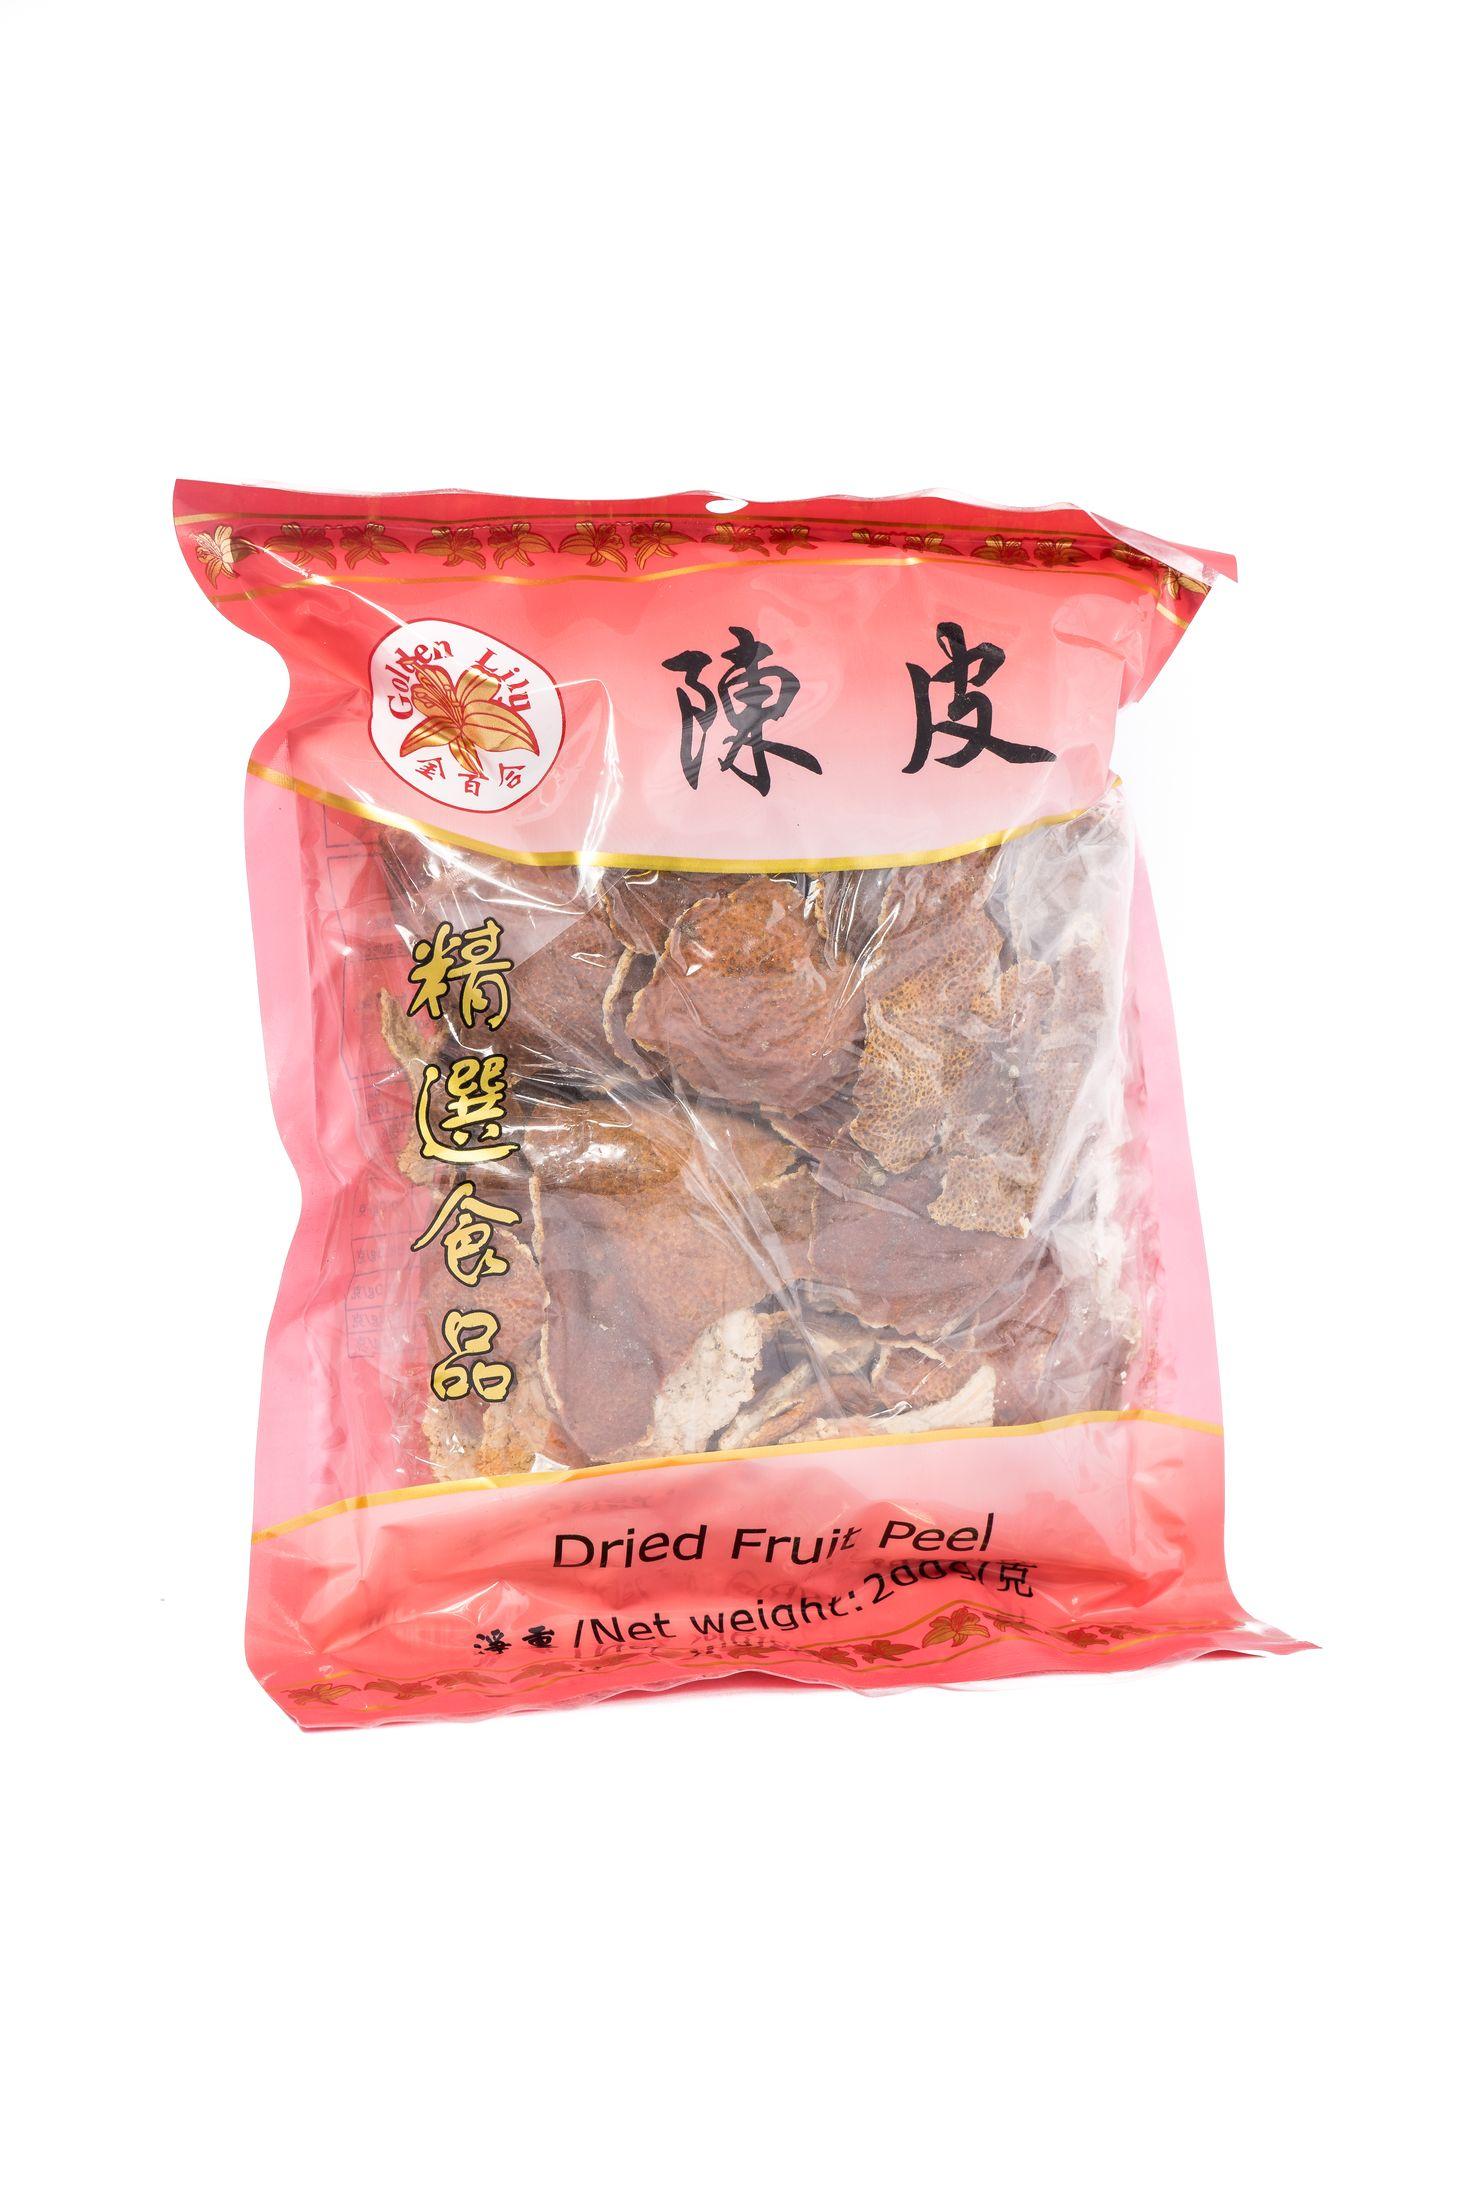 Dried fruit peel (陳皮)